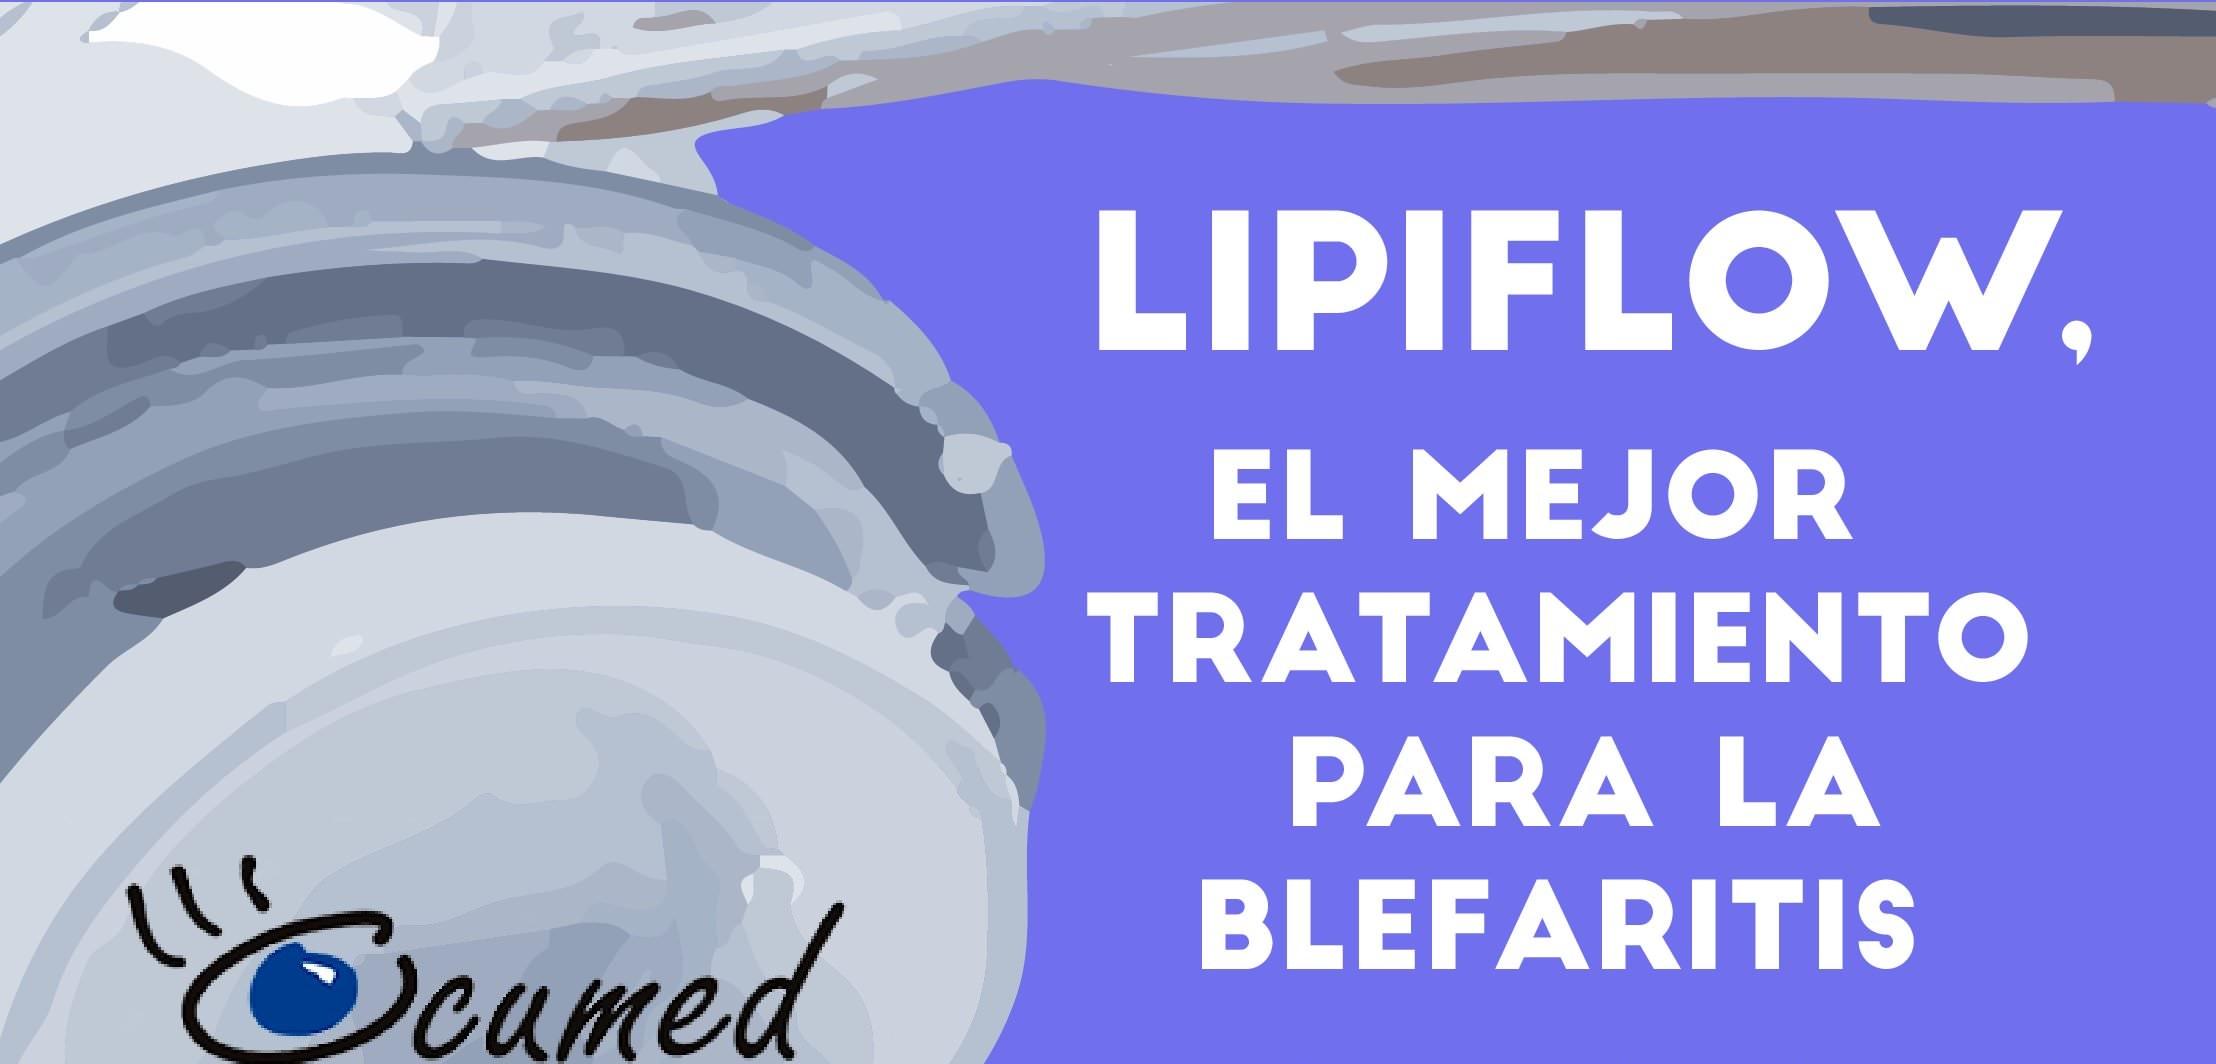 lipiflow portada - tratamiento blefaritis